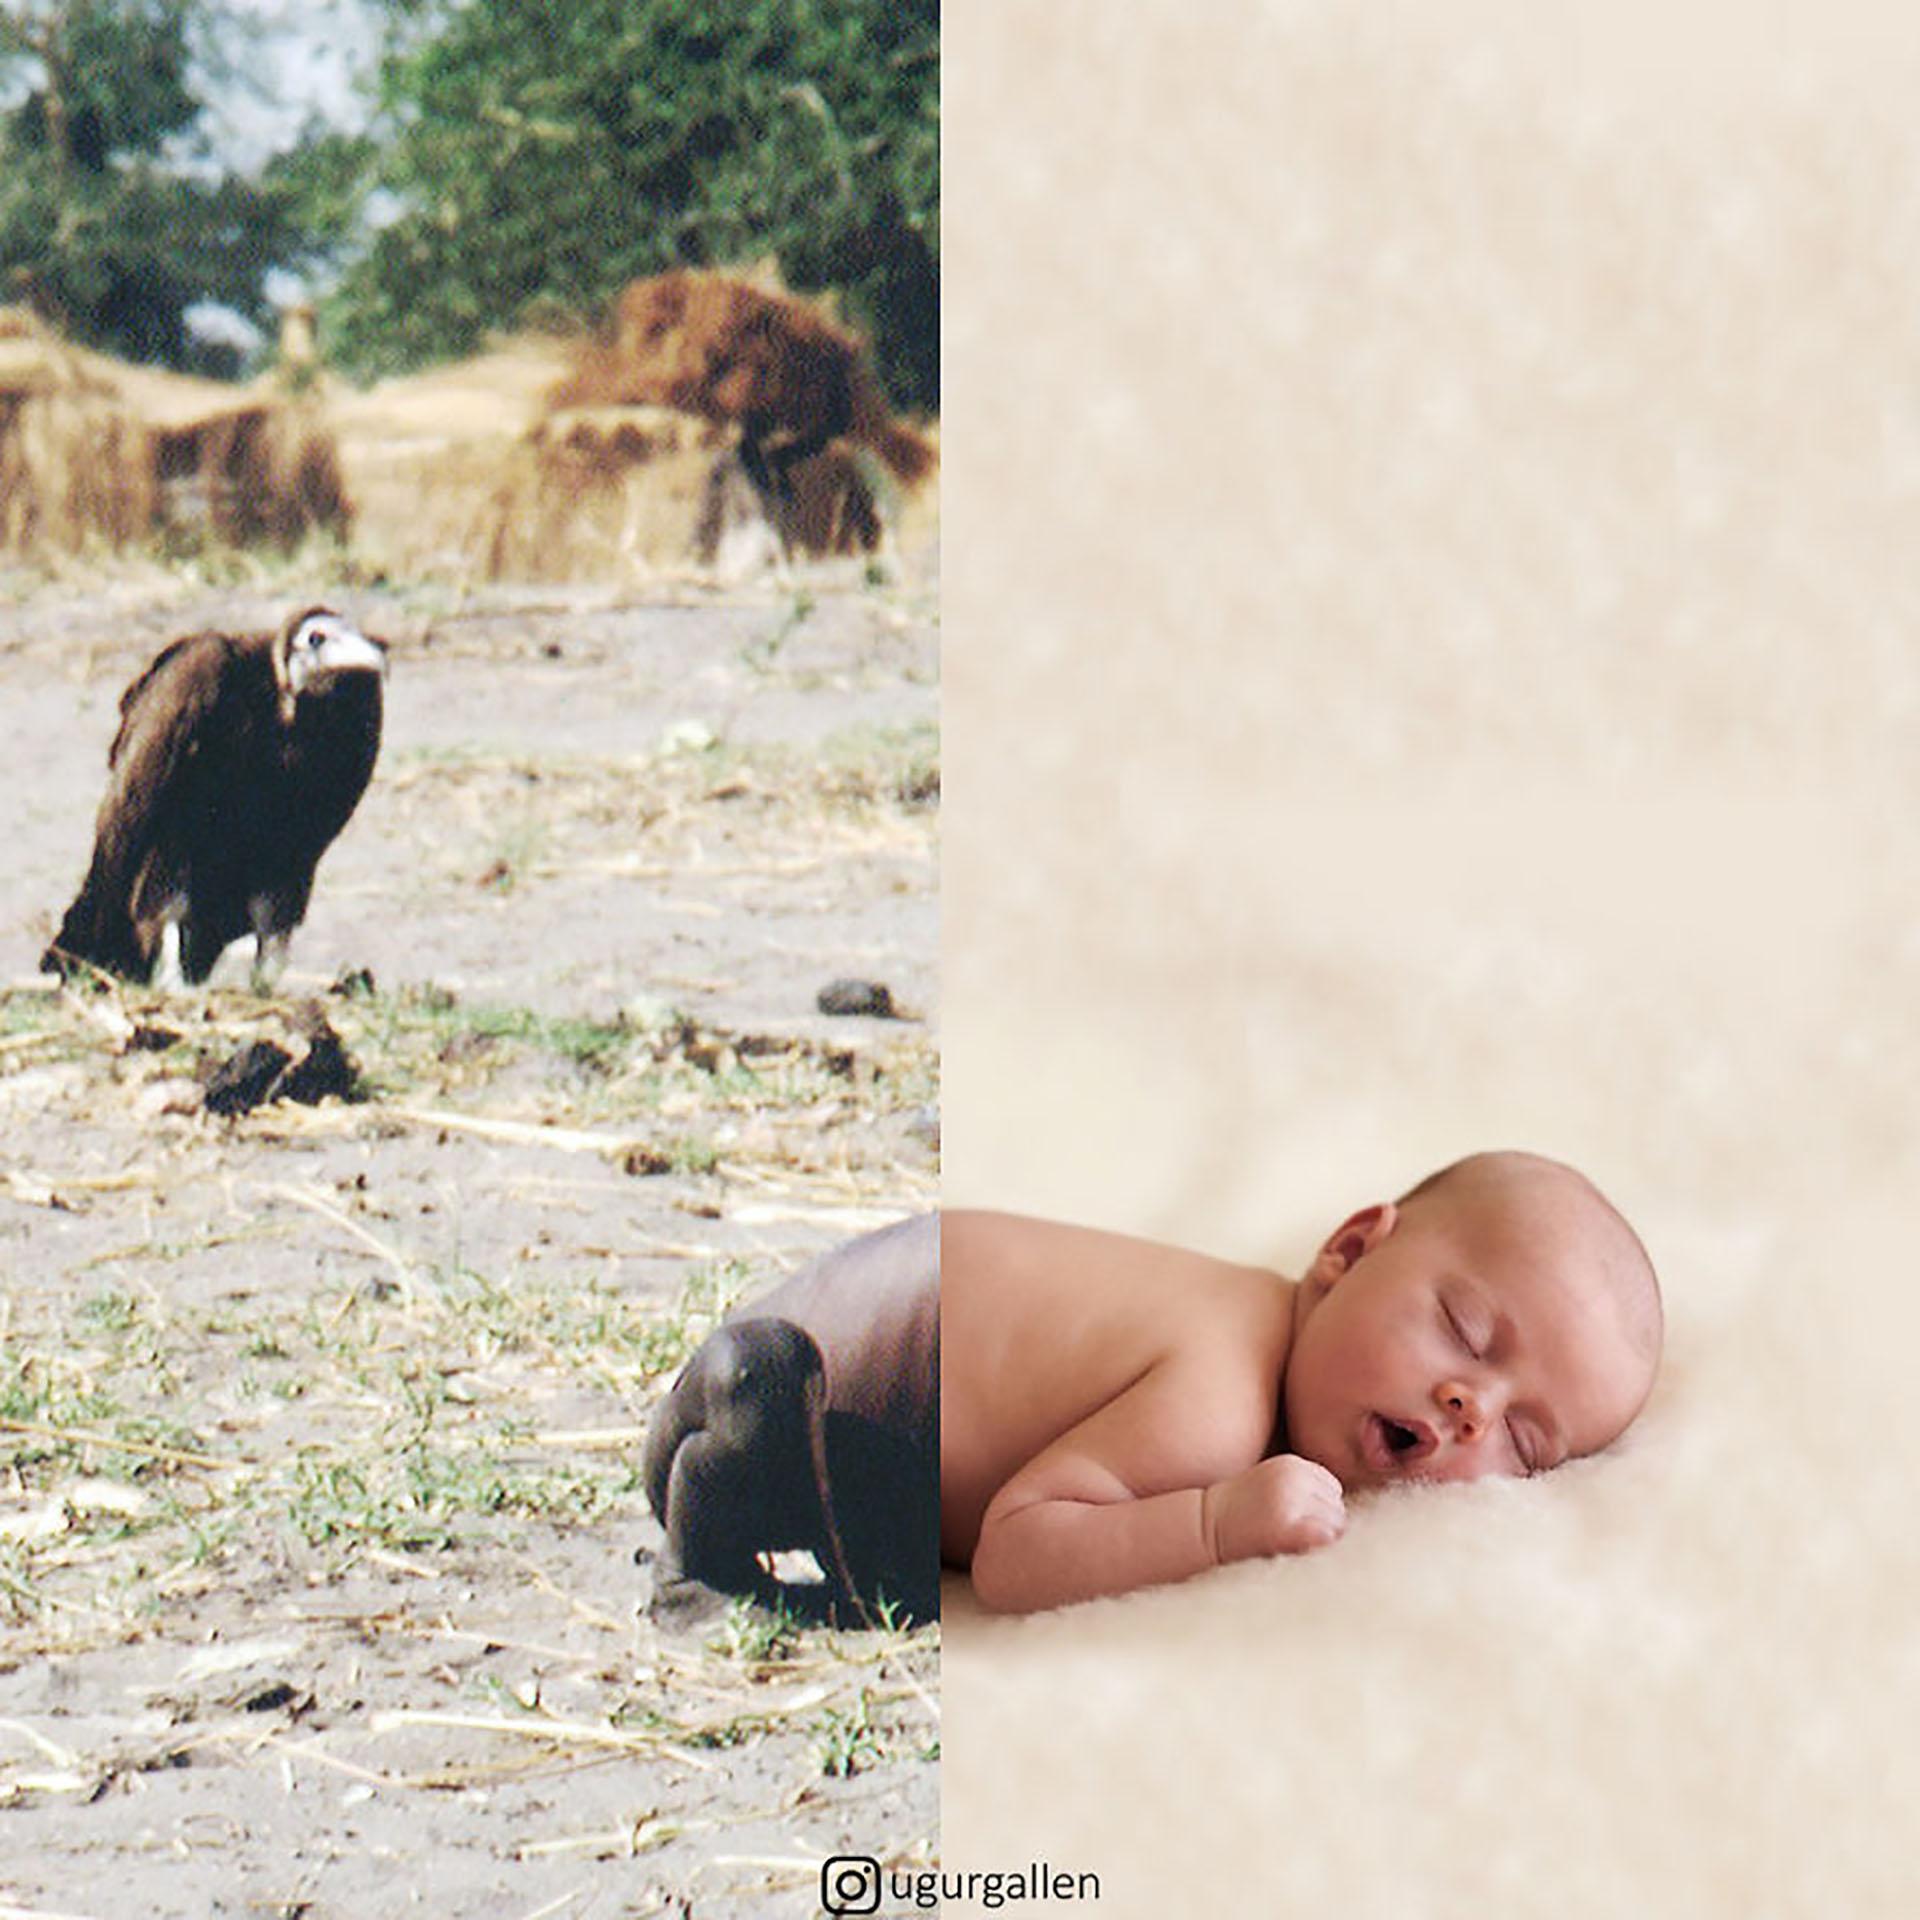 Un cuervo junto a un niño muerto de hambre en Sudán y otro bebé durmiendo plácidamente